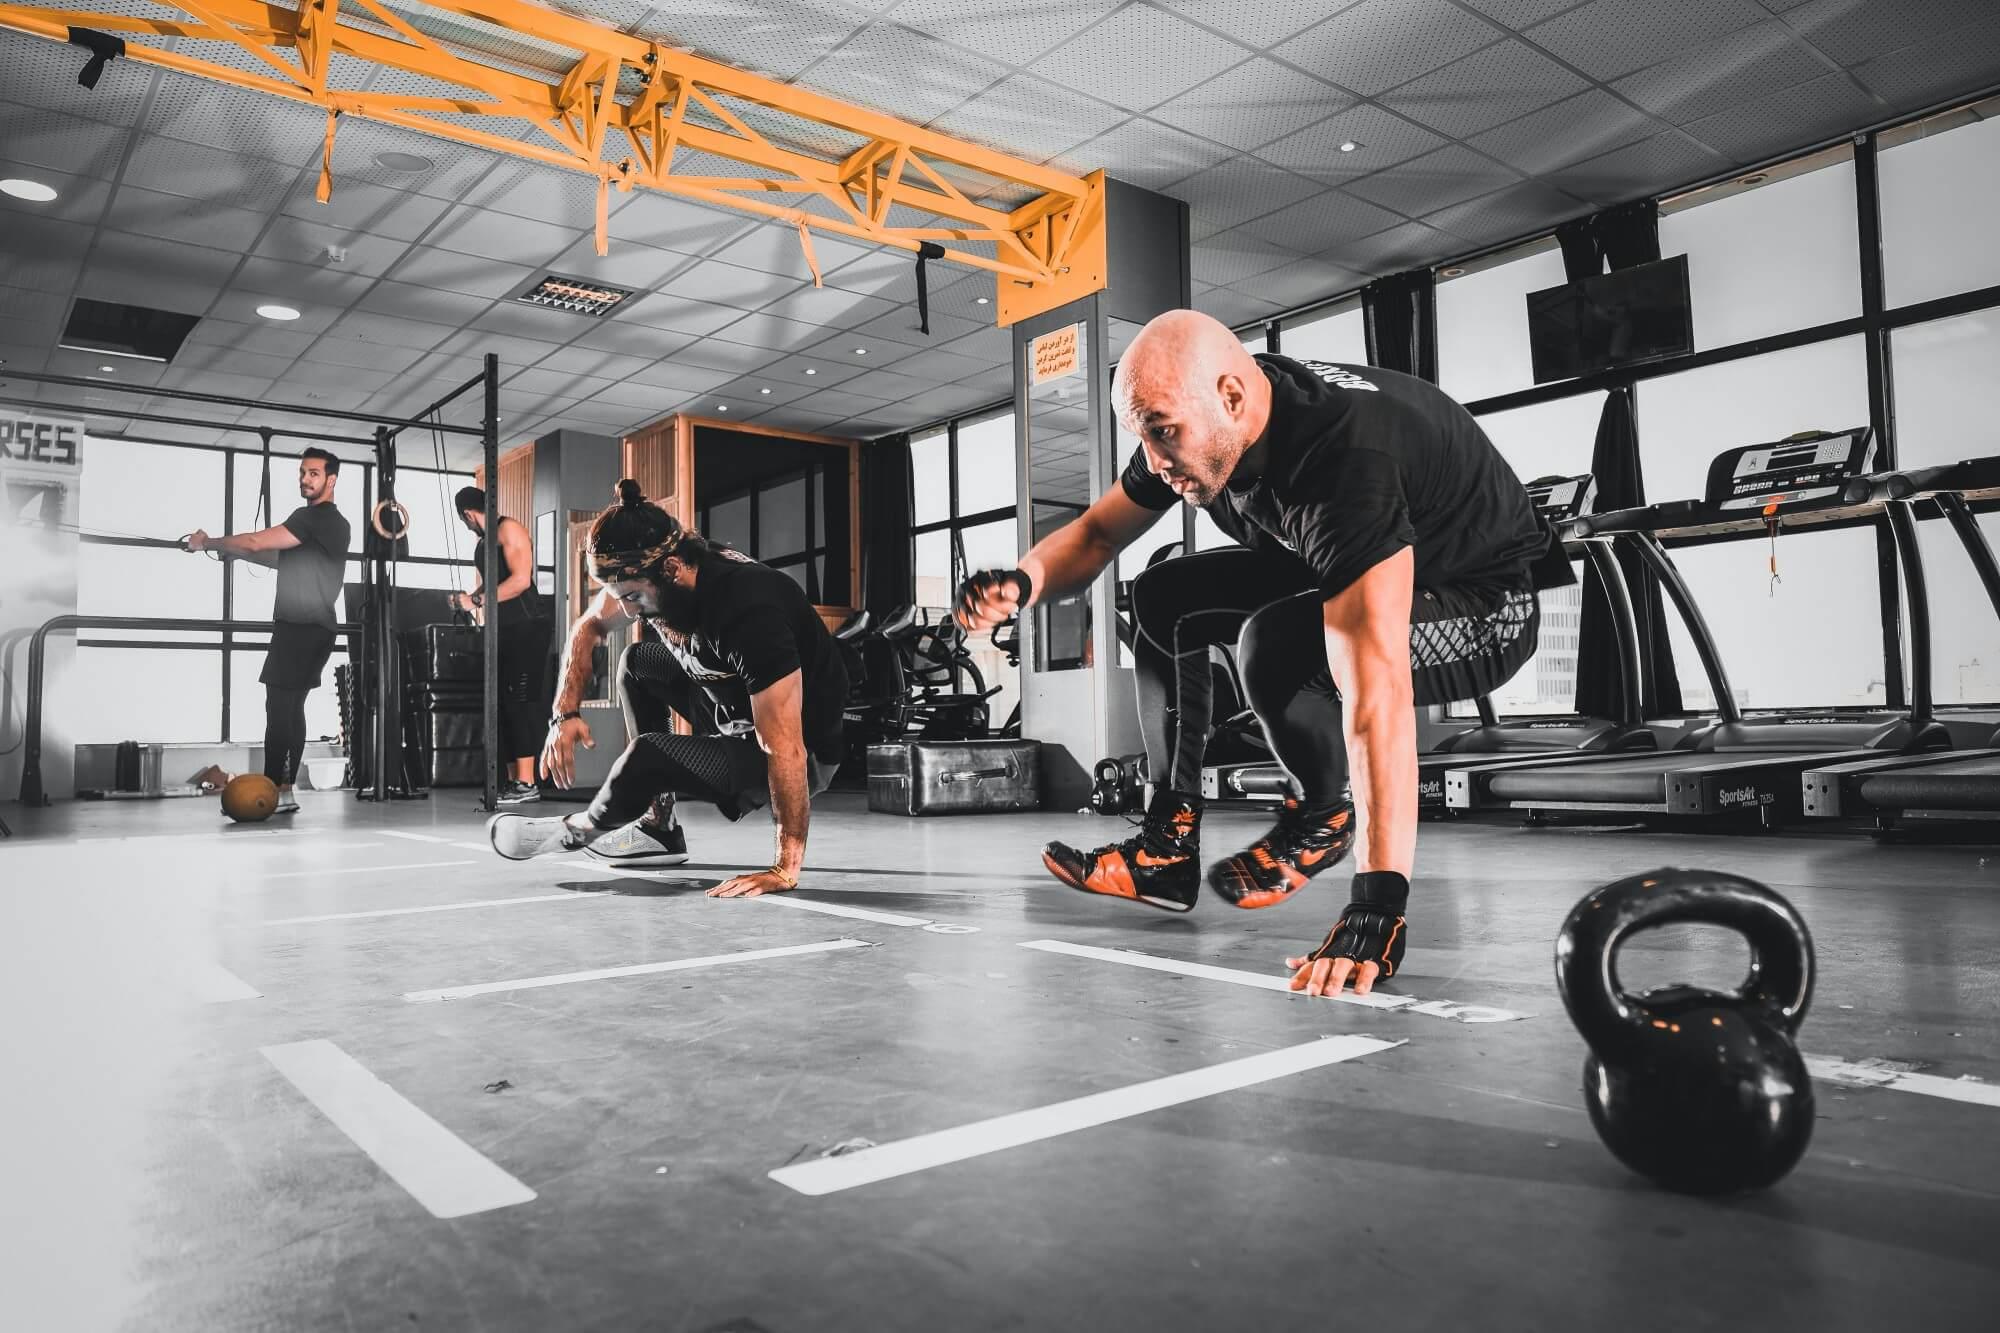 【台中健身房推薦】高強度間歇訓練、CrossFit、TRX,你要的台中團體健身課程都在這